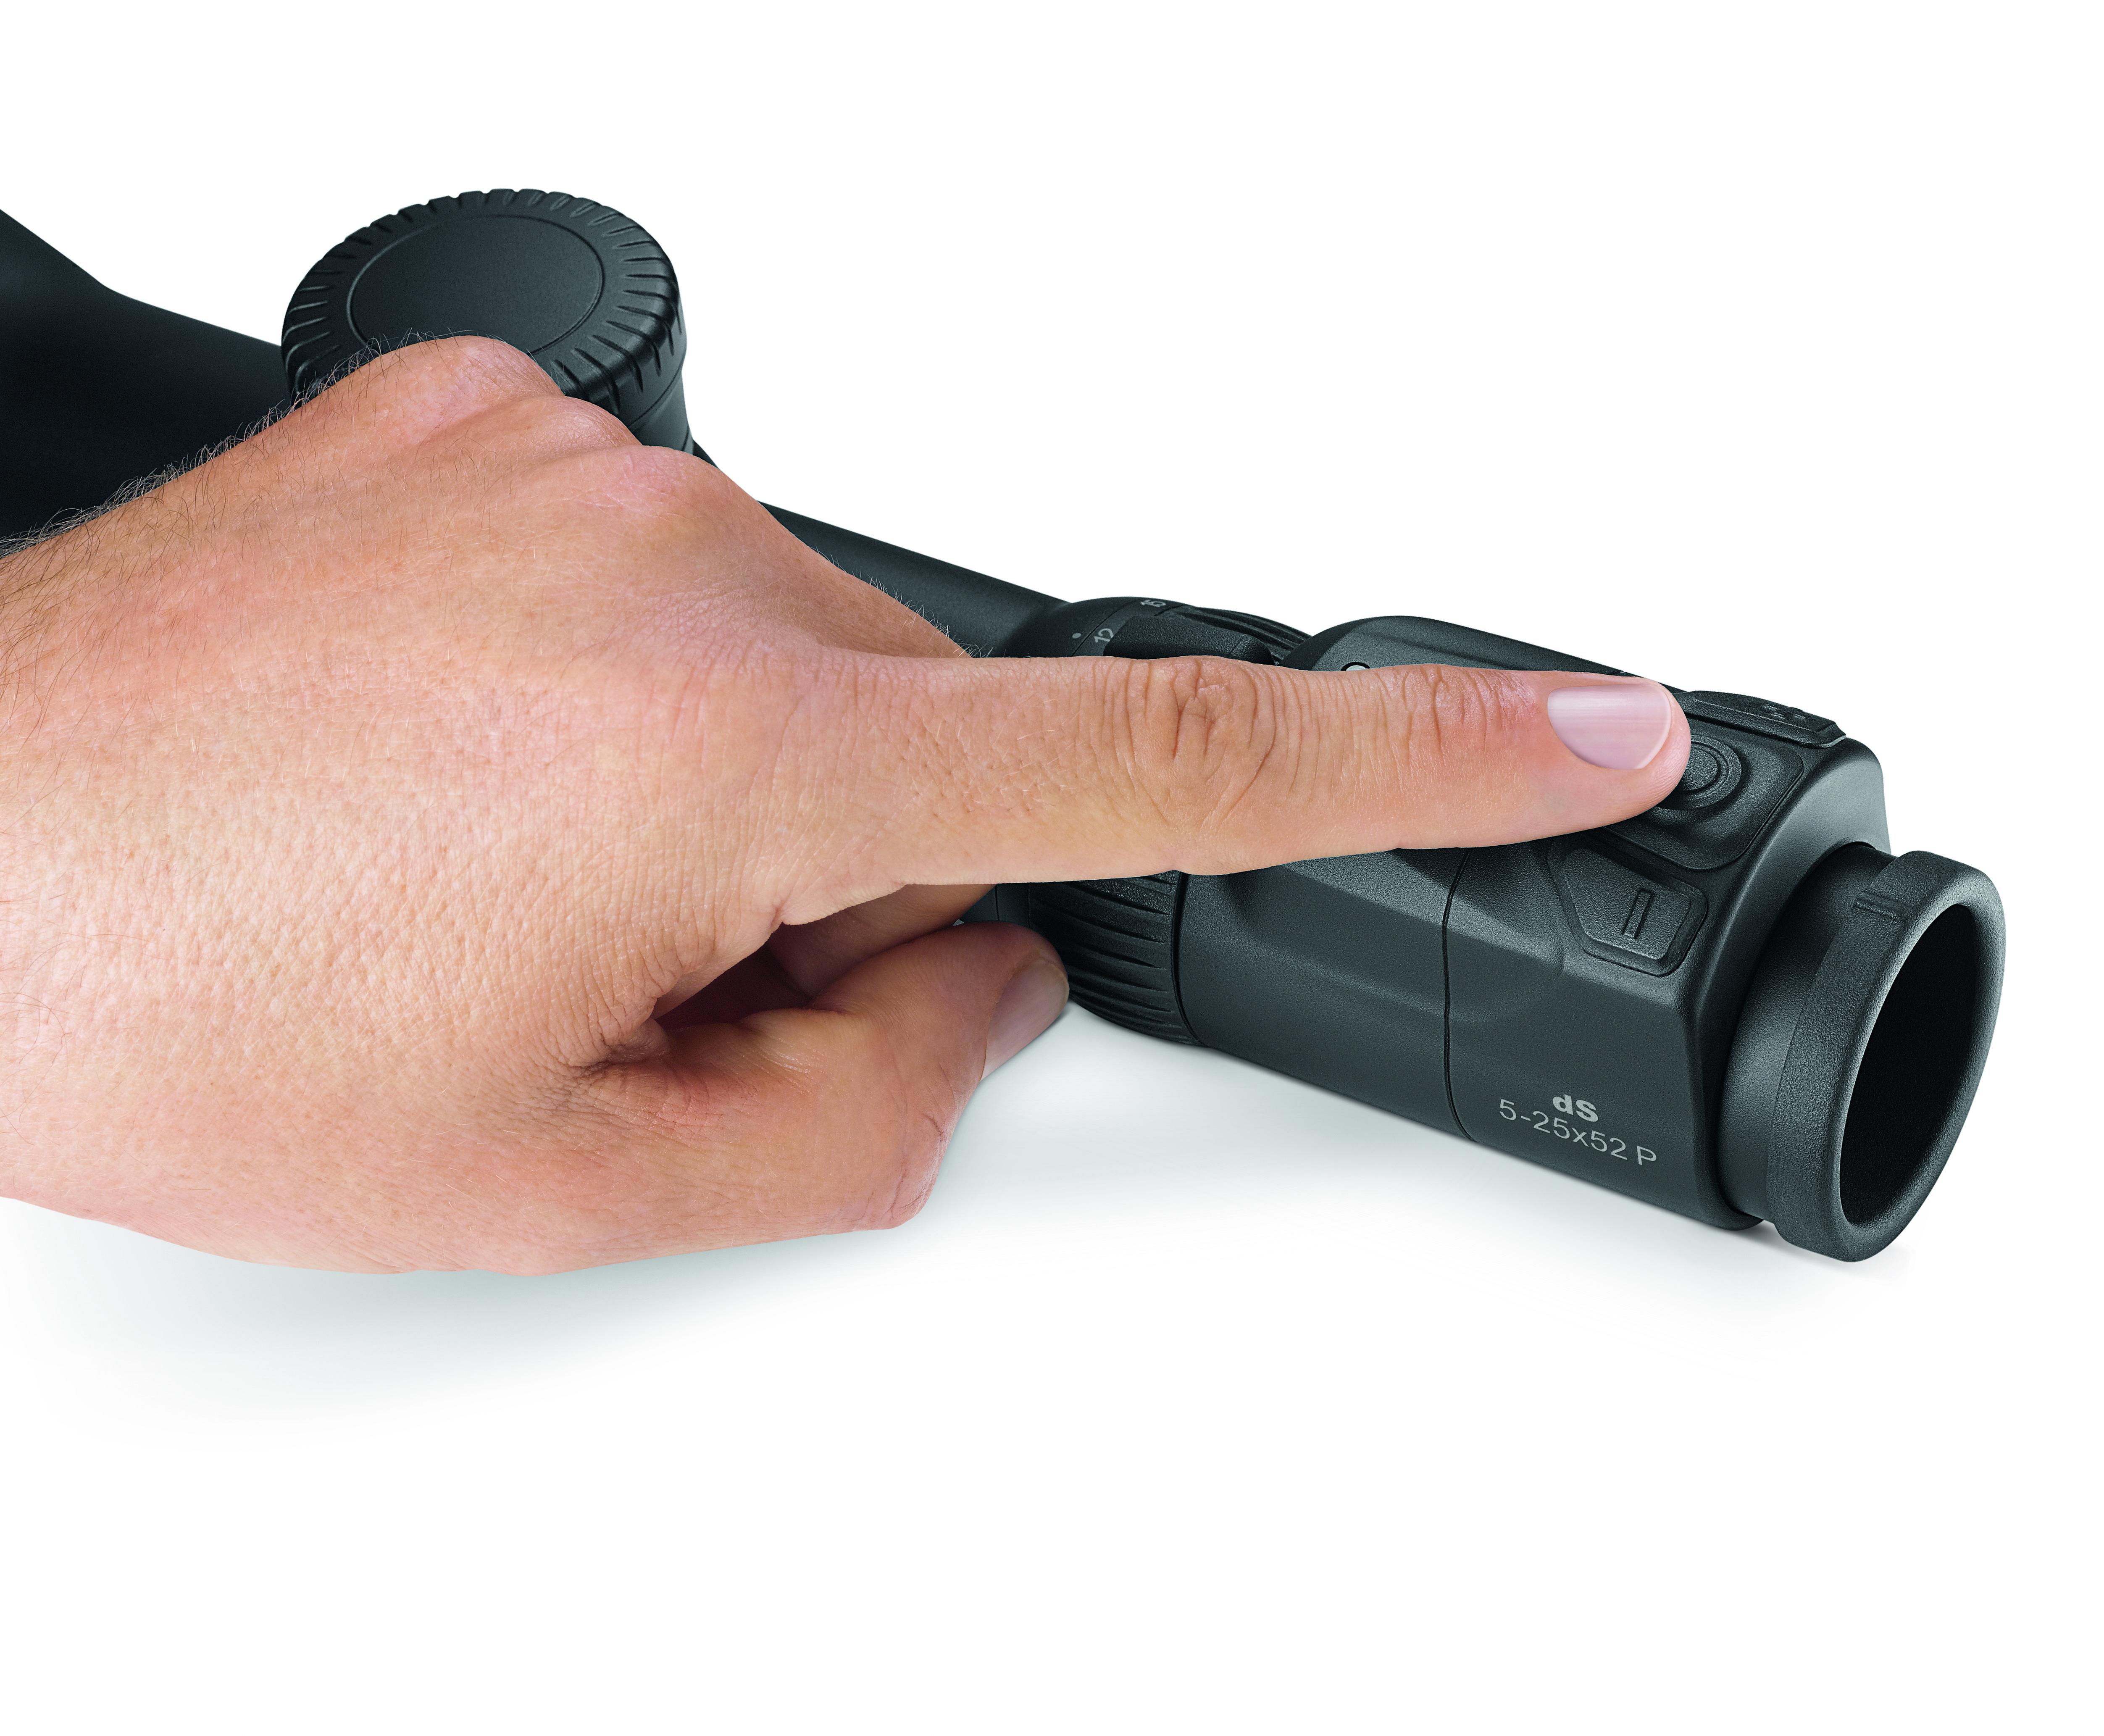 Swarovski Zielfernrohr Mit Entfernungsmesser : Swarovski z i p zielfernrohr mit ballistikturm günstig